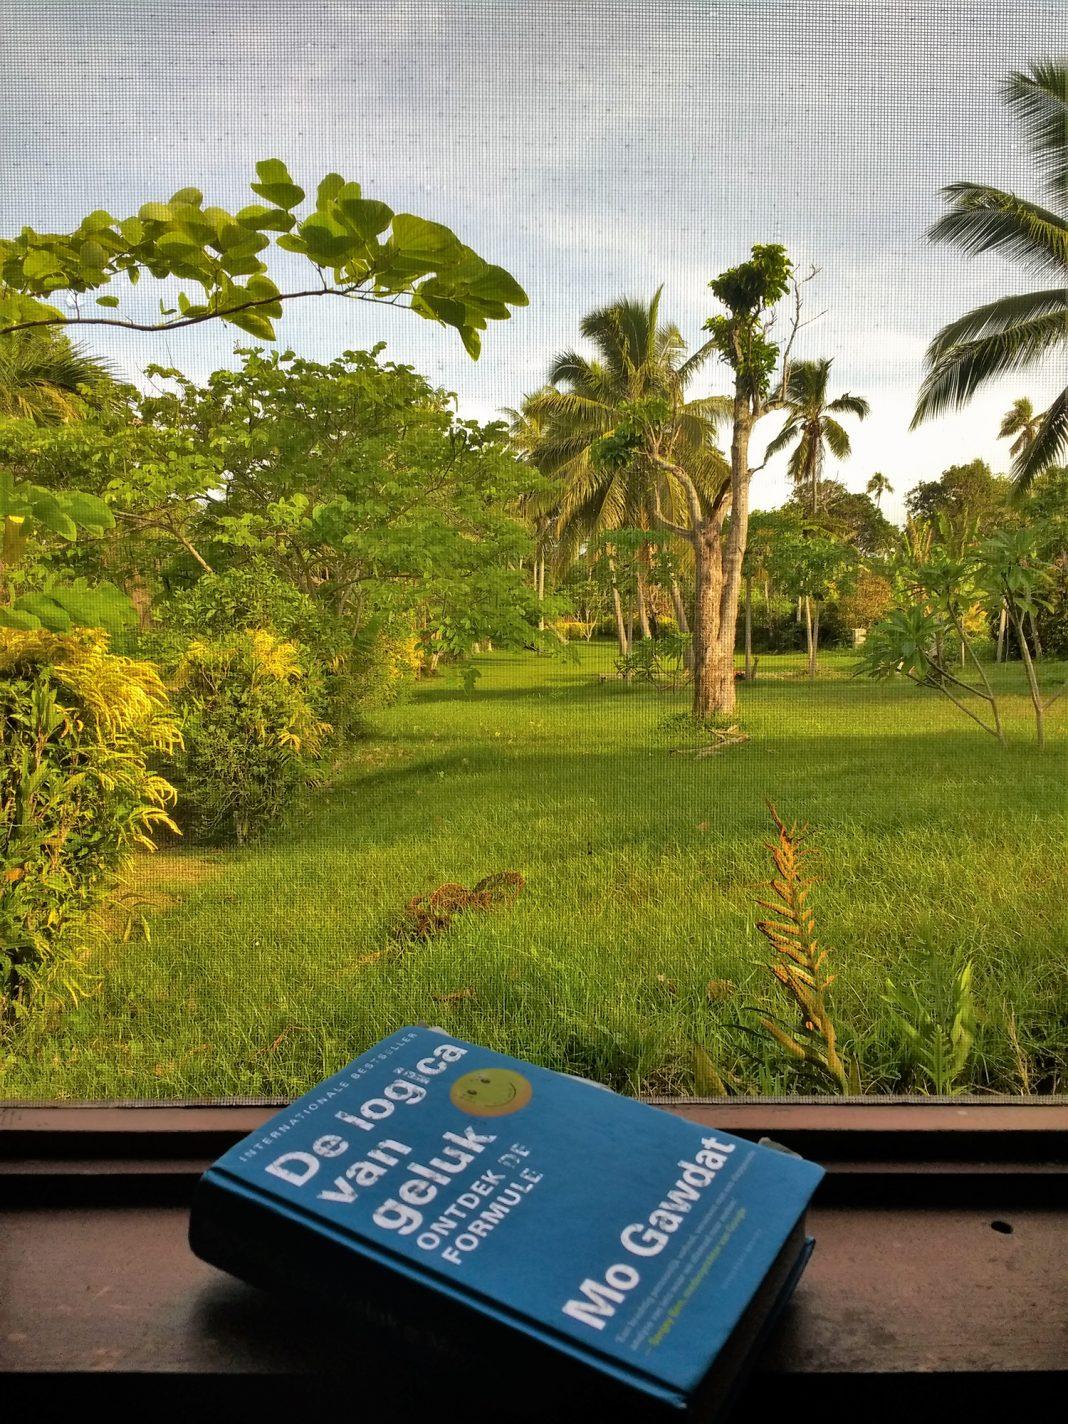 Boek De logica van geluk Mo Gawdat - Kiribati